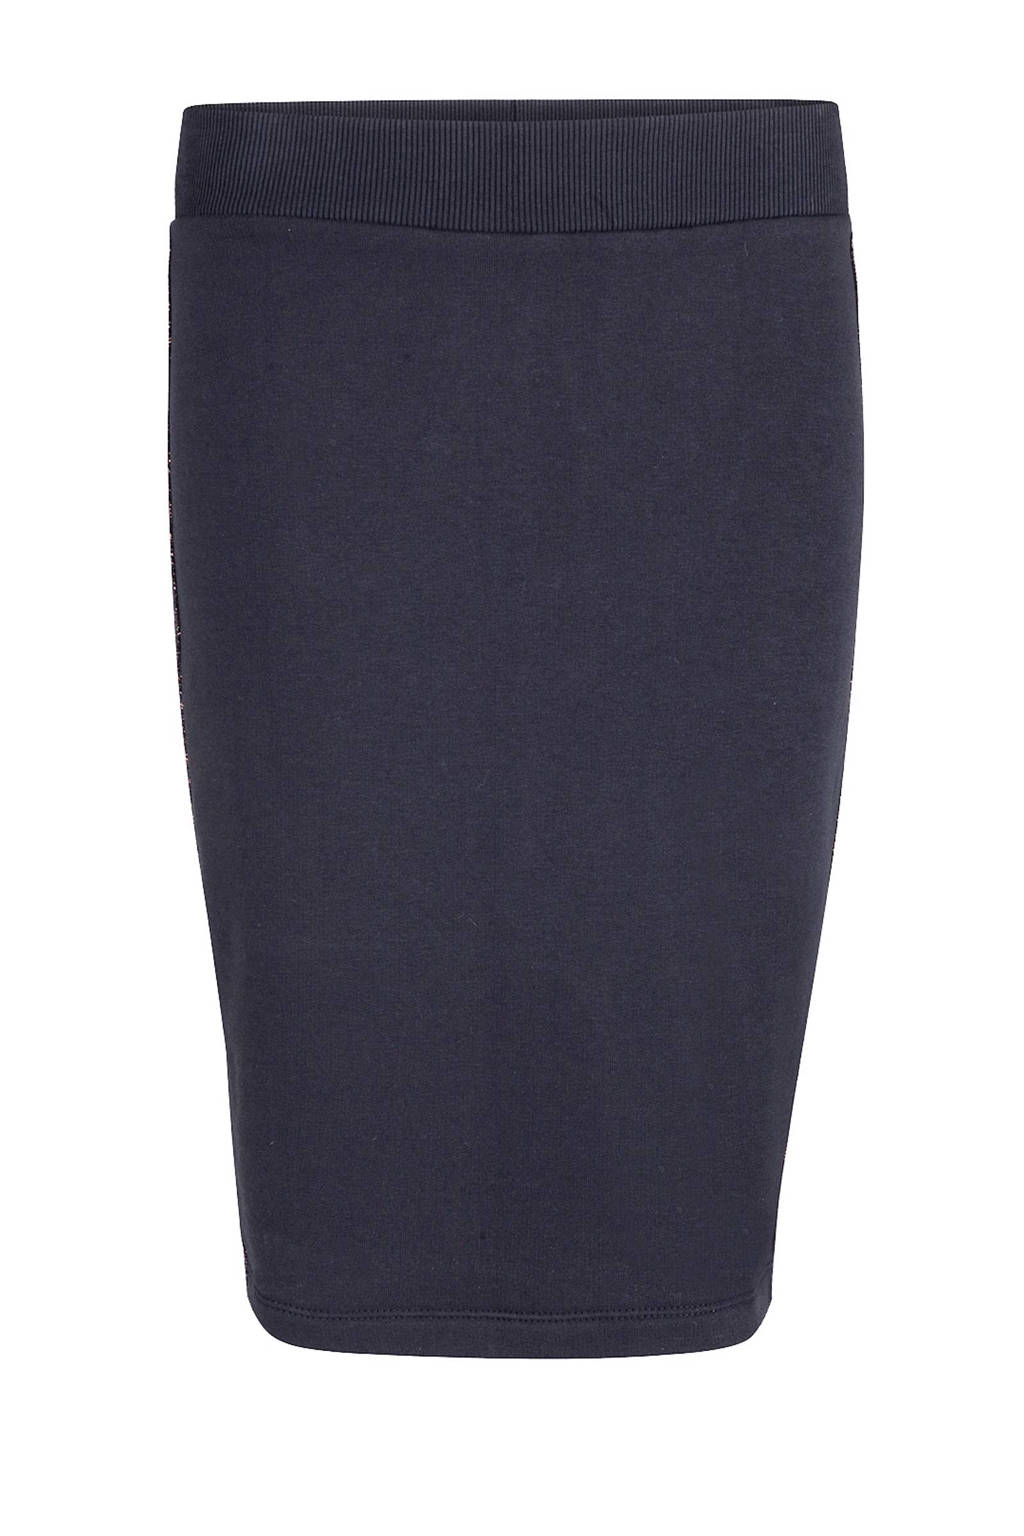 WE Fashion rok met contrasterende zij-streep, Donkerblauw